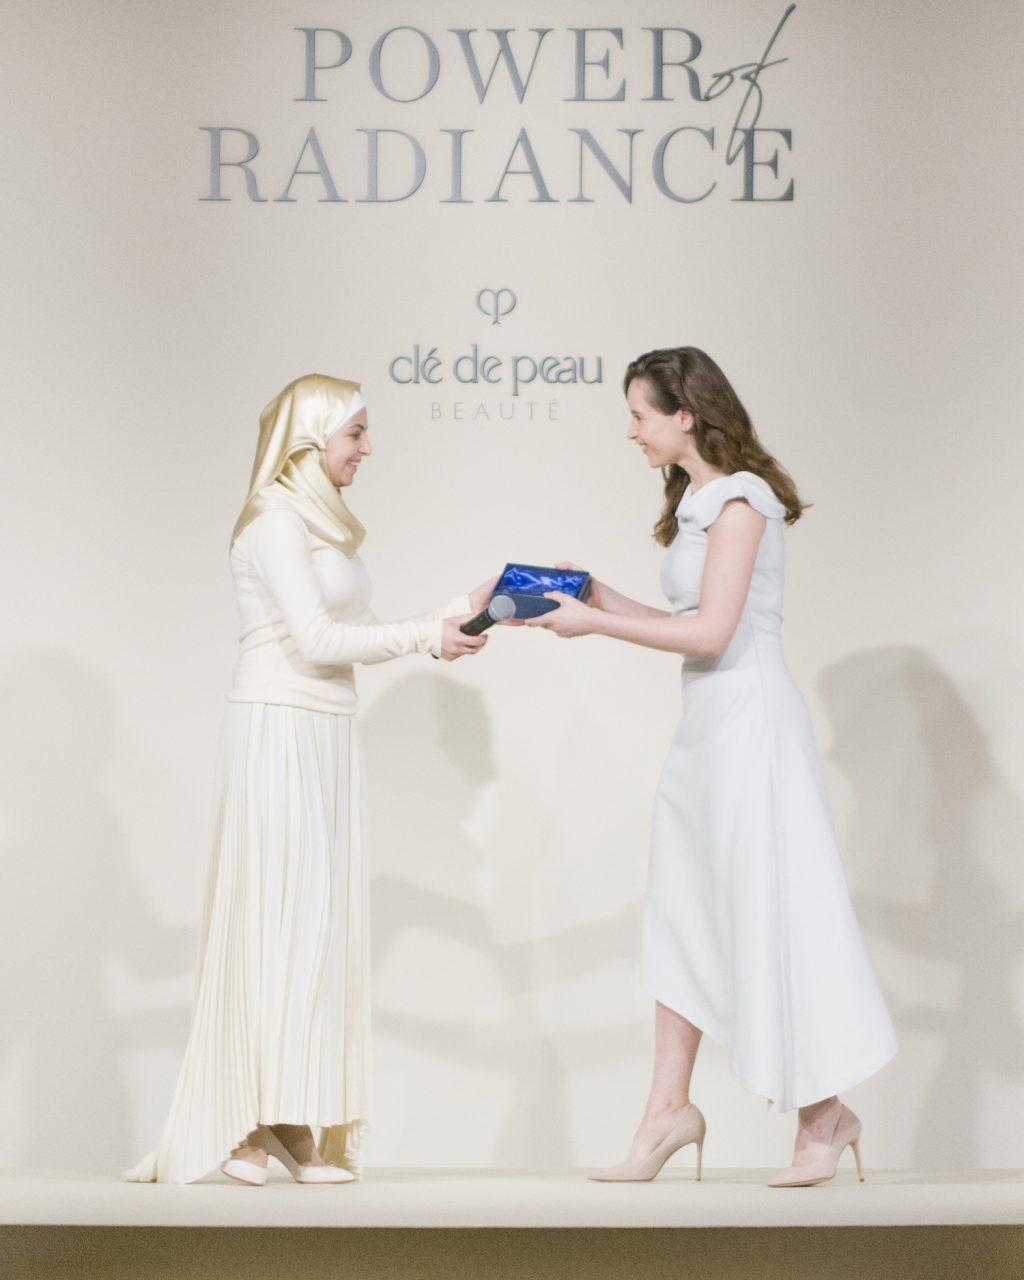 Felicity Jones, Clé de Peau Beauté Global Brand Ambassador, Muzoon Almellehan clé de peau beauté